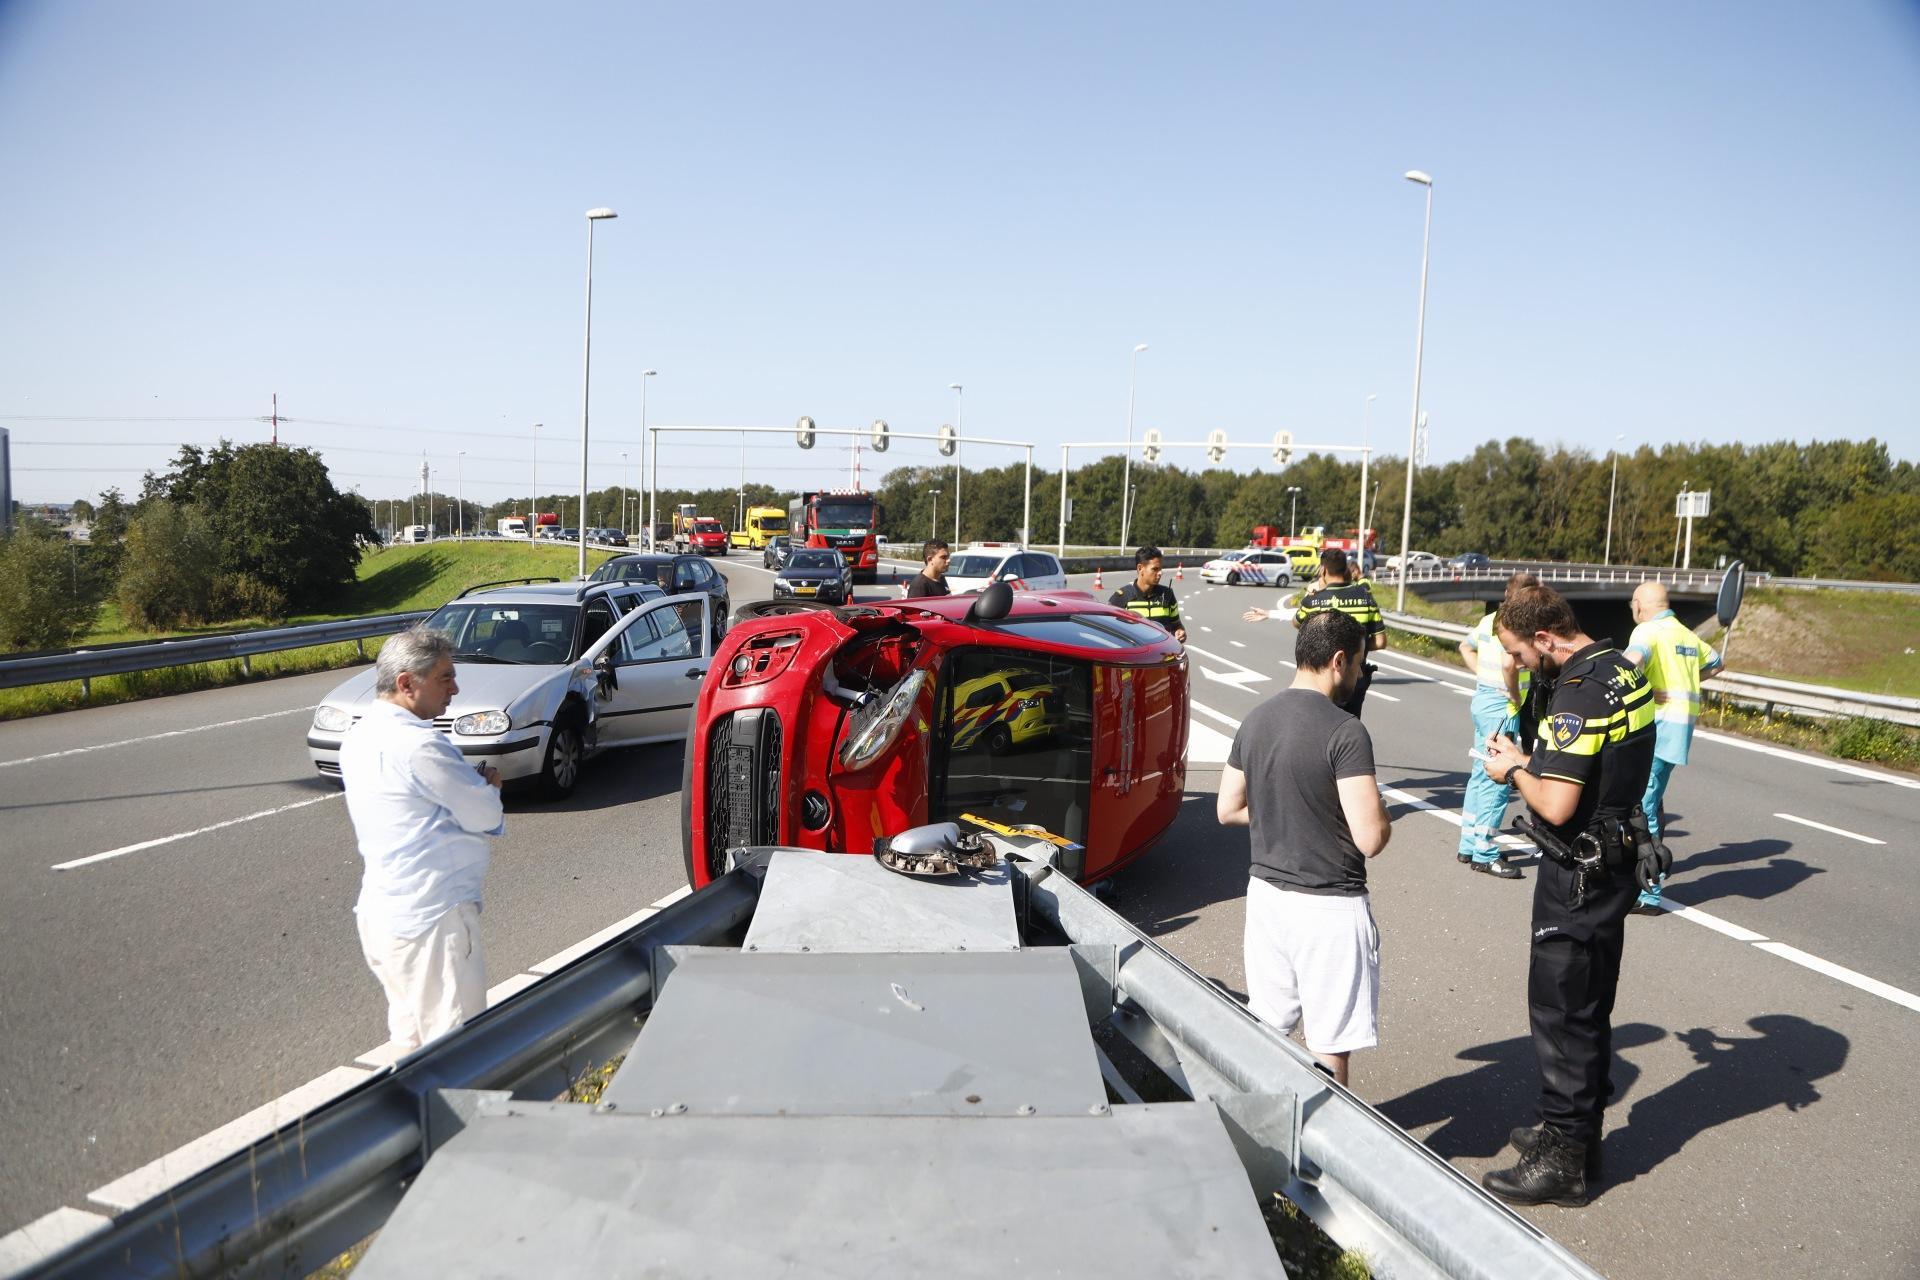 File rond knooppunt Rottepolderplein na ongeluk, waarbij auto kantelt